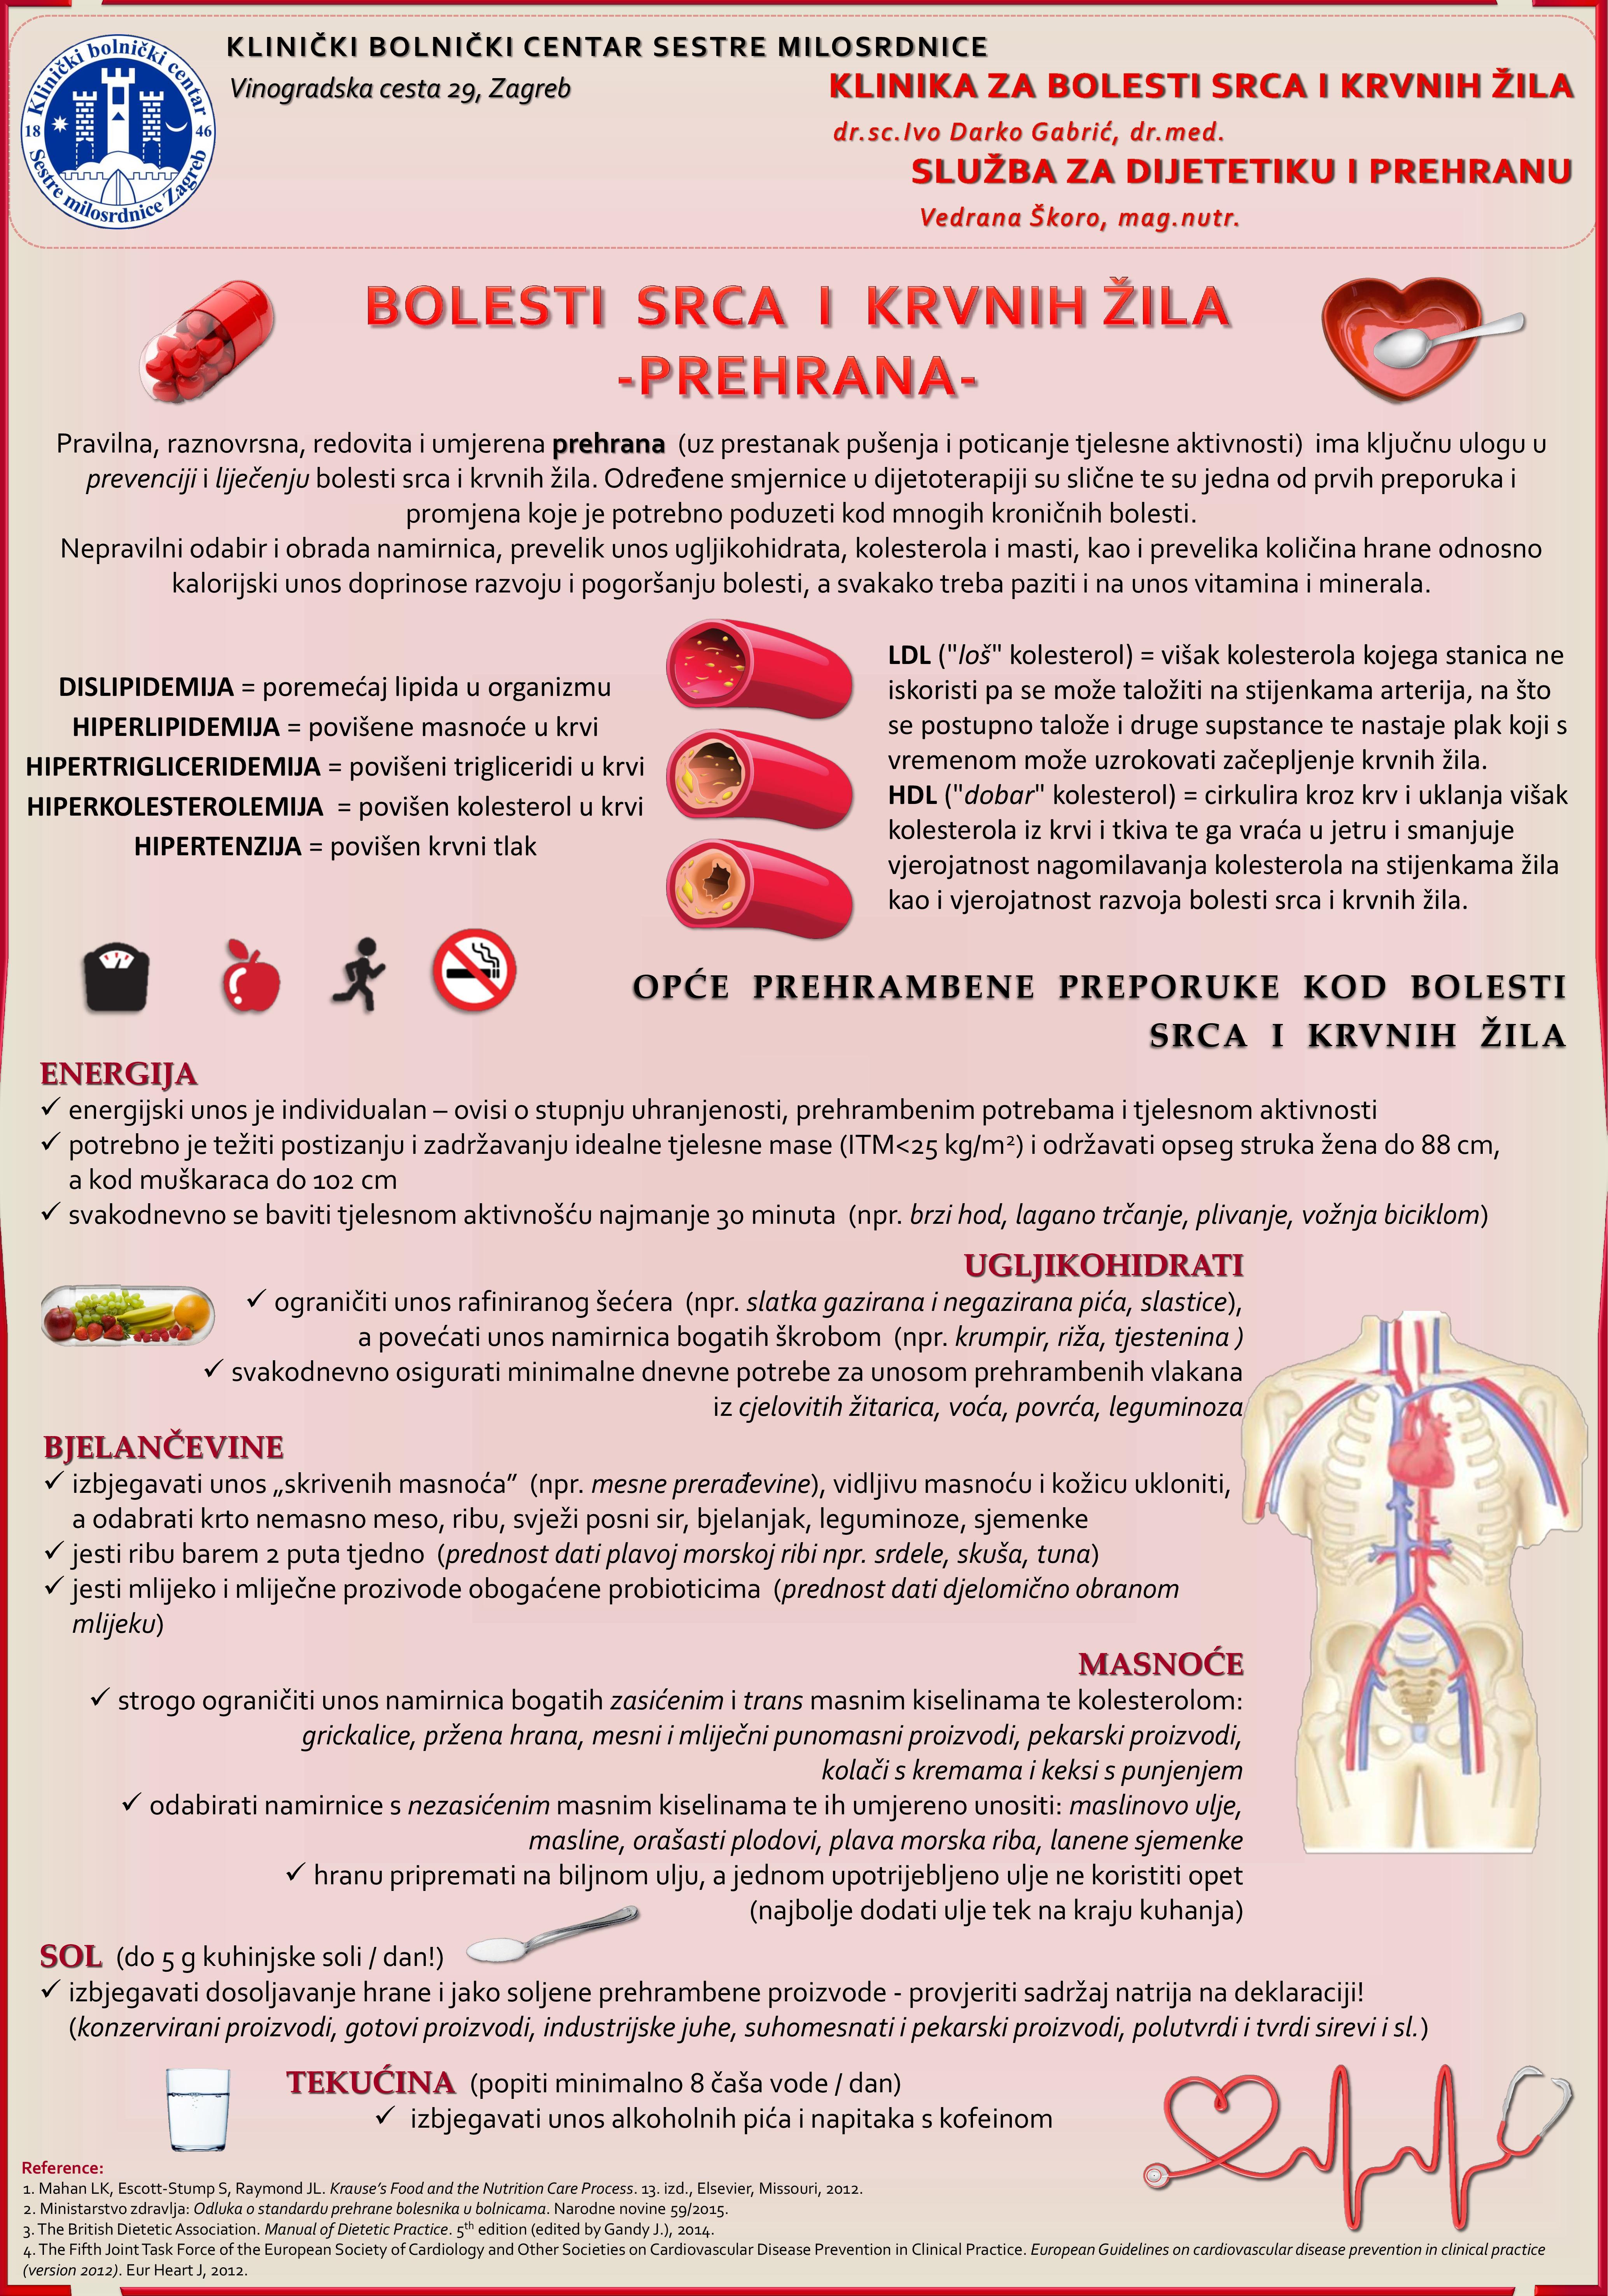 što je hipertenzija i prehrana